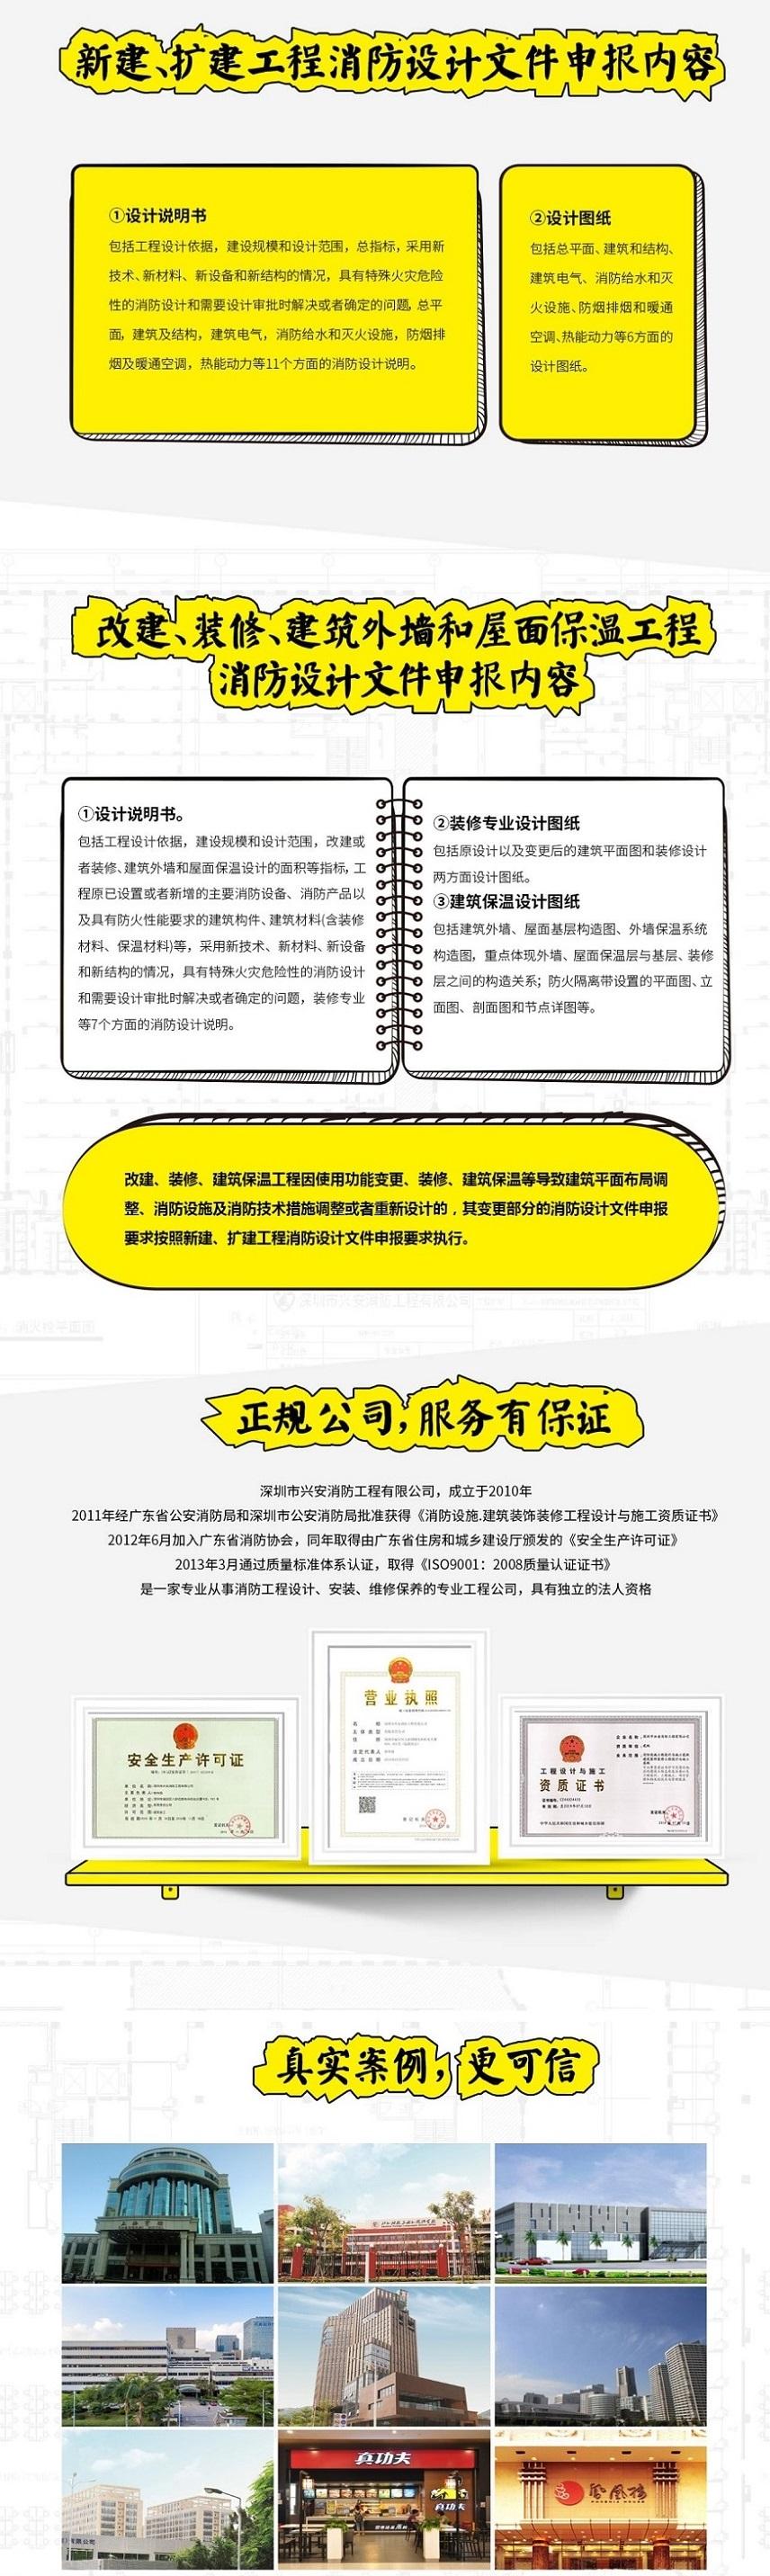 11深圳消防图纸设计,消防工程设计图,消防设计审核备案,消防设计收费标准-深圳兴安消防工程公司.jpg